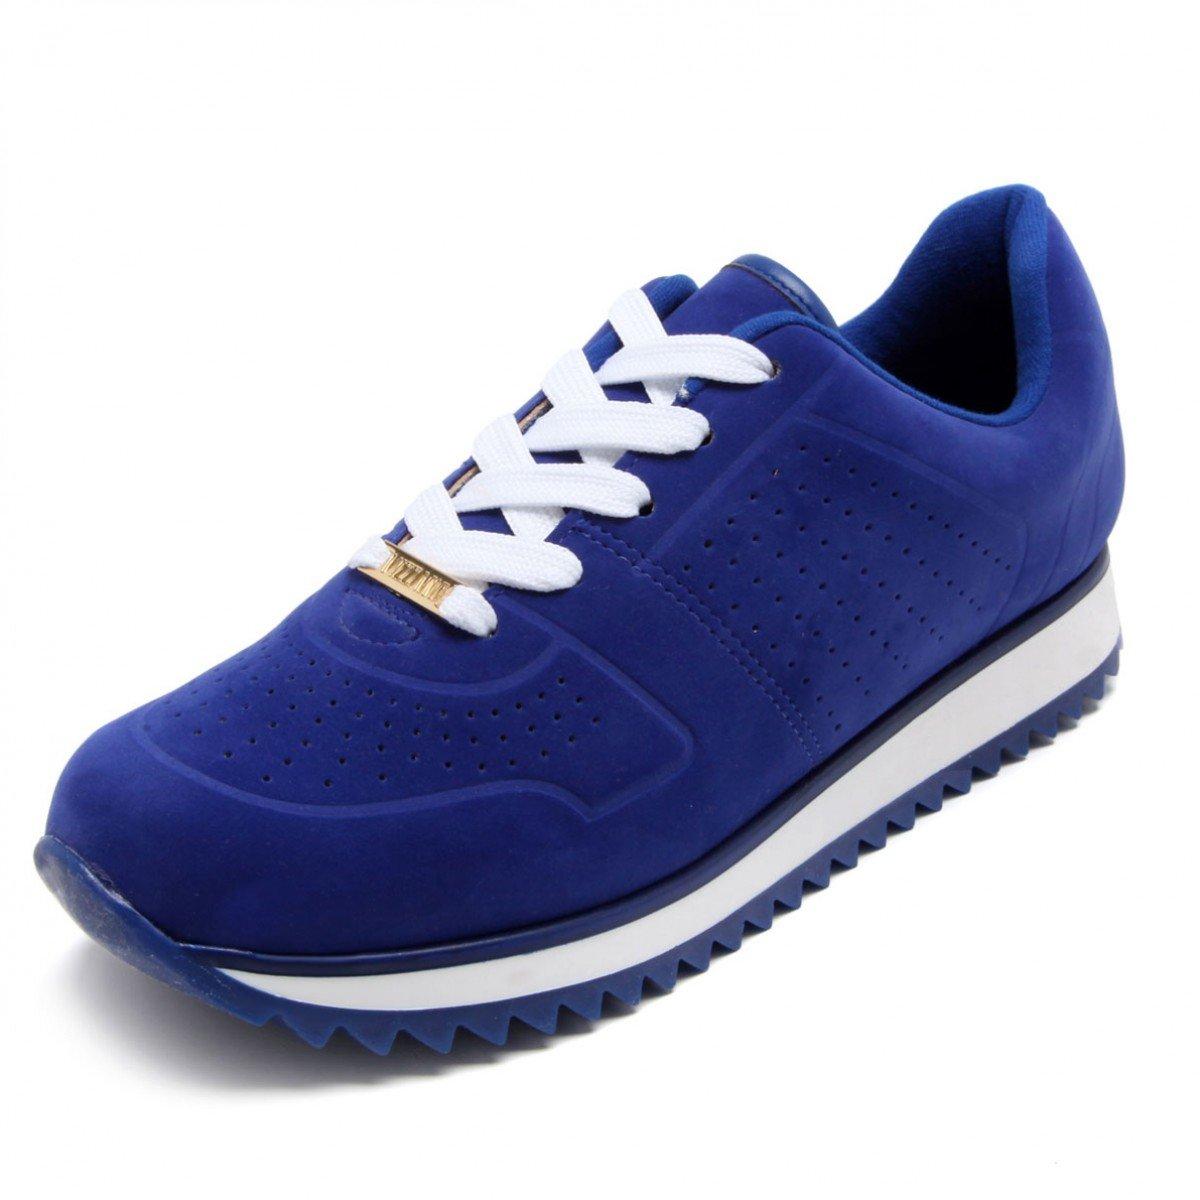 b19f36444 Tênis Jogging Vizzano Camurça Recortes Azul - Compre Agora